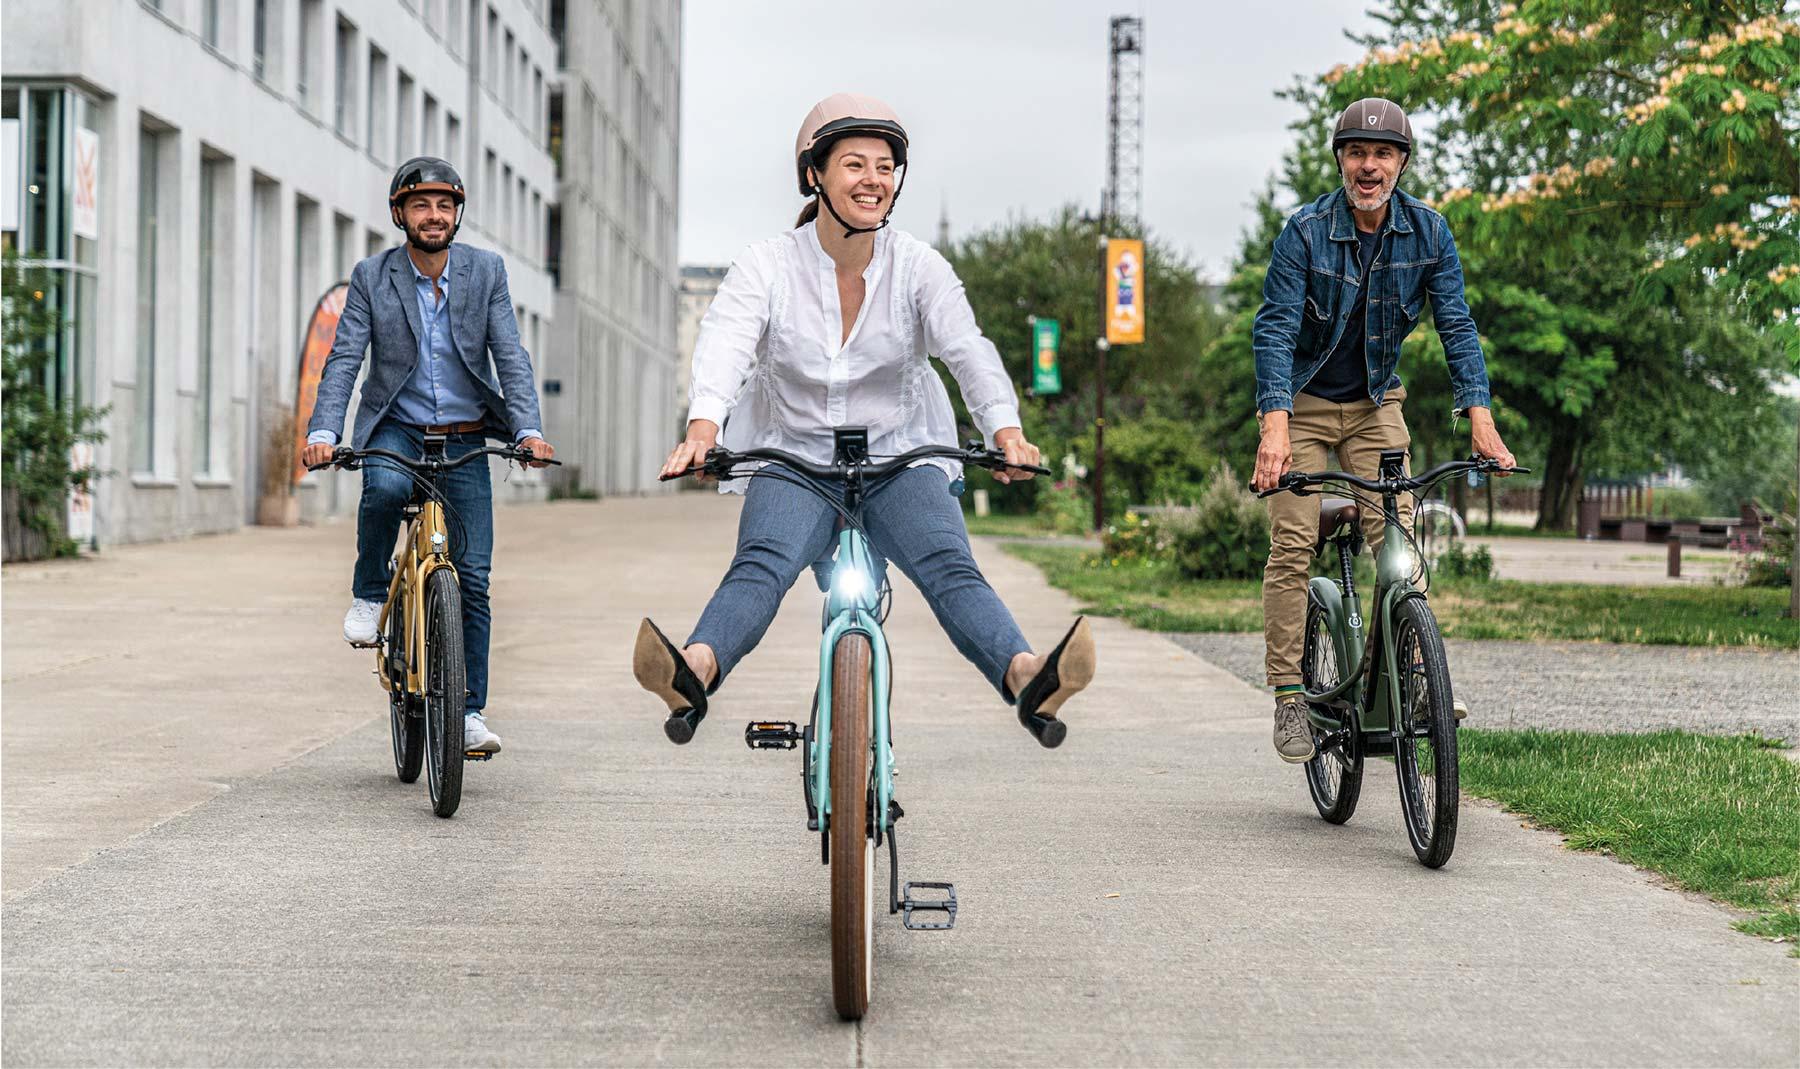 balade en ville avec le vélo électrique haut de gamme de la marque française Reinebike